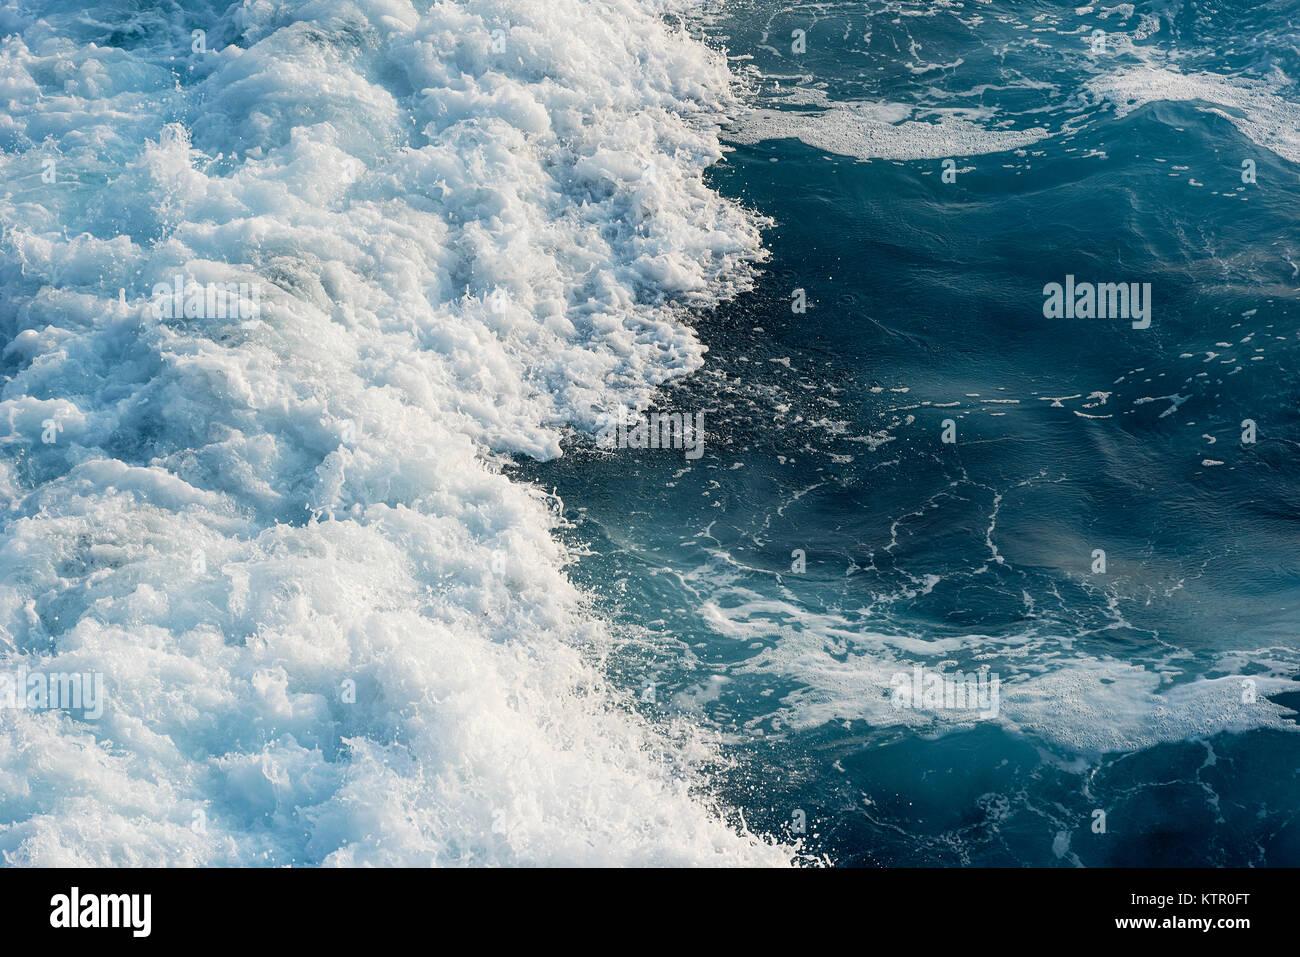 Breaking ocean wave. - Stock Image